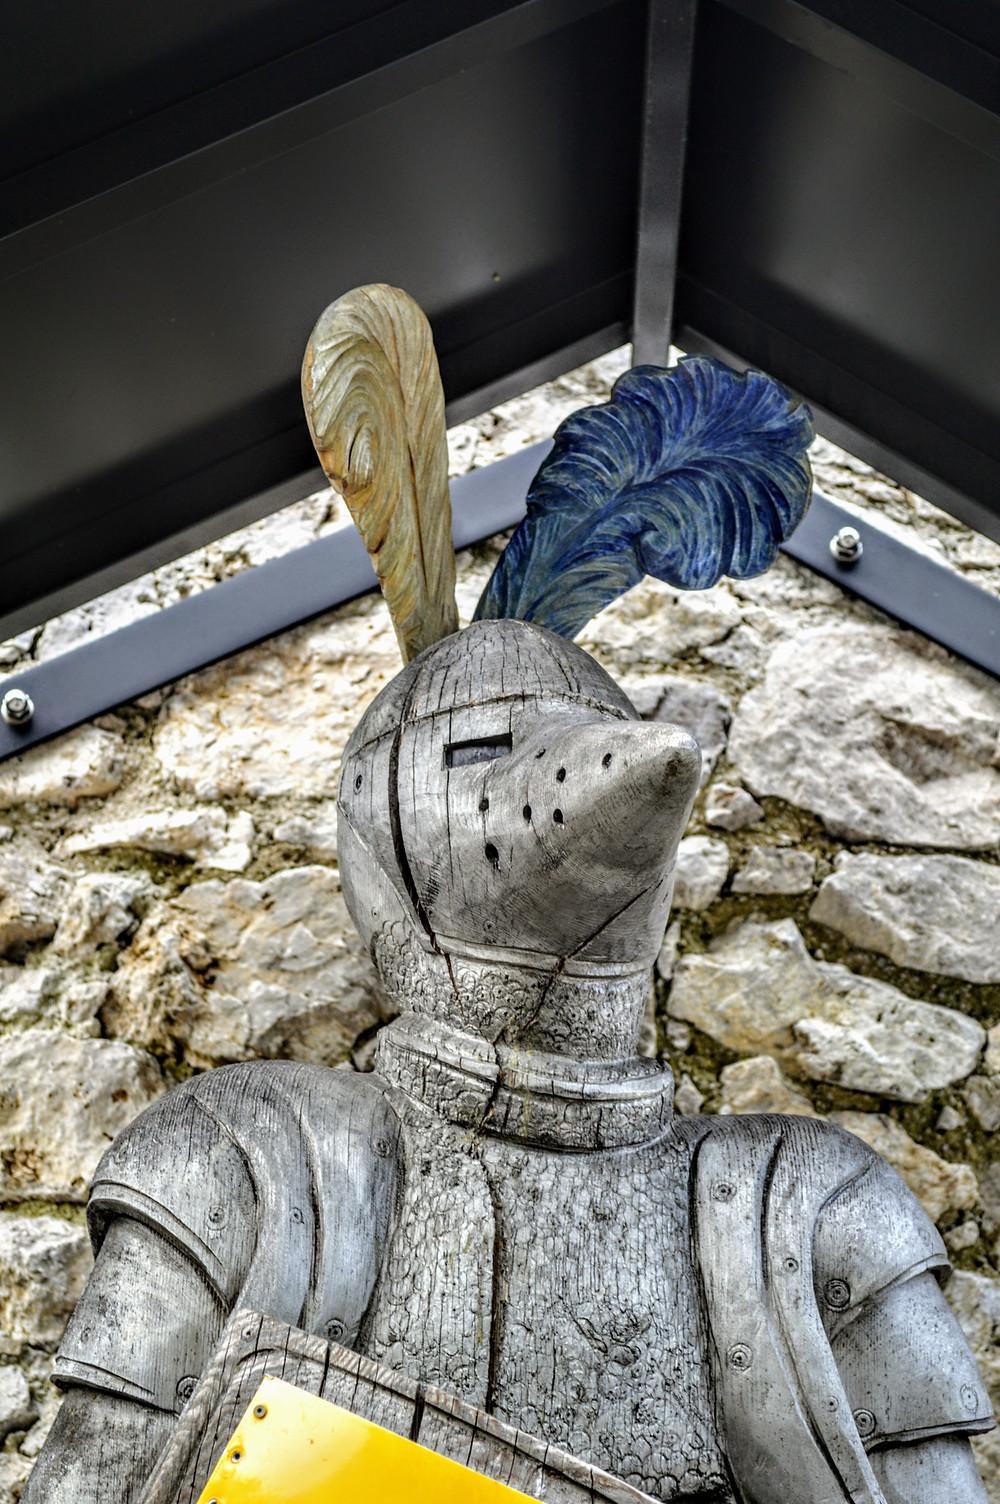 Knight in armour near the visitor center Ehrenberg castle, Ruette Austria